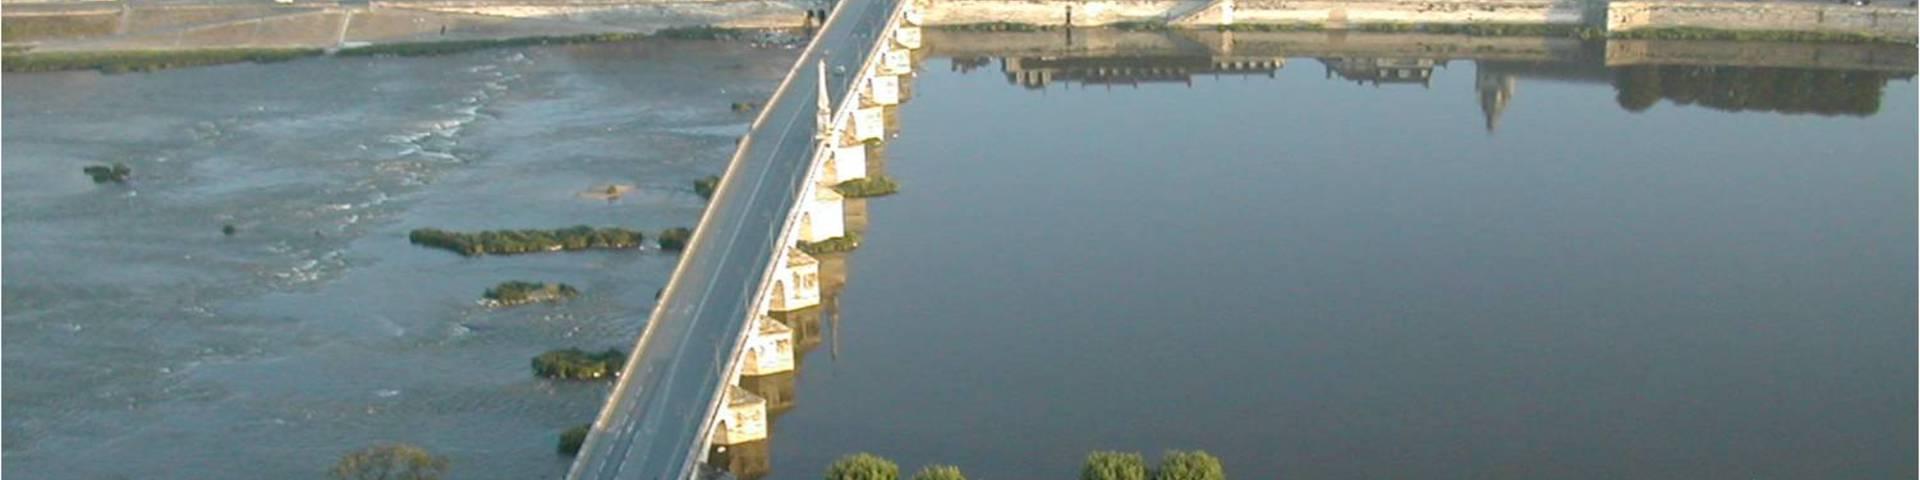 El puente Jacques Gabriel de la ciudad de Blois